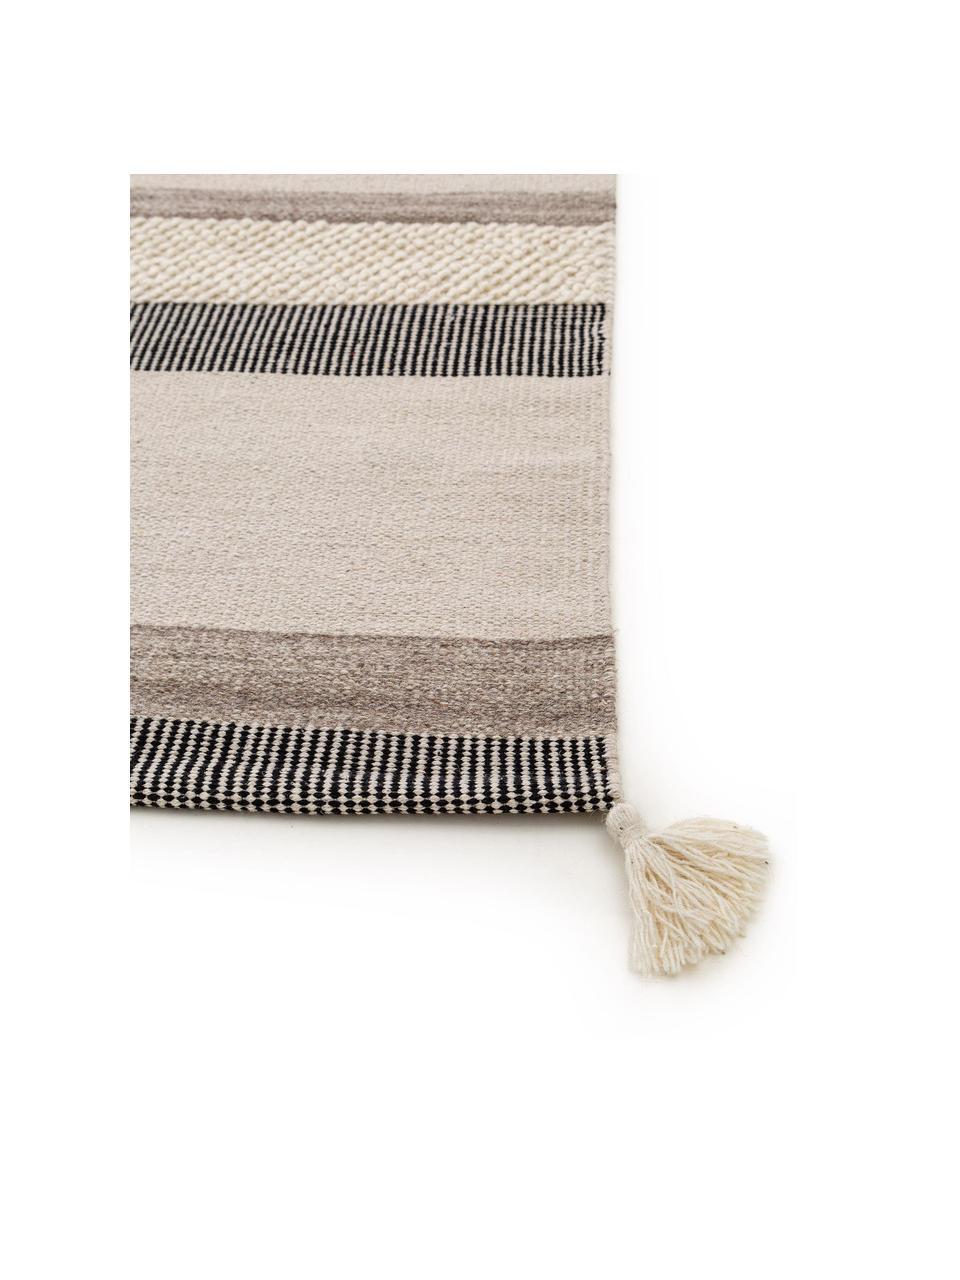 Ręcznie tkany dywan z wełny Tammi, 80% wełna, 20% bawełna Włókna dywanów wełnianych mogą nieznacznie rozluźniać się w pierwszych tygodniach użytkowania, co ustępuje po pewnym czasie, Szary, beżowy, taupe, S 200 x D 300 cm (Rozmiar L)